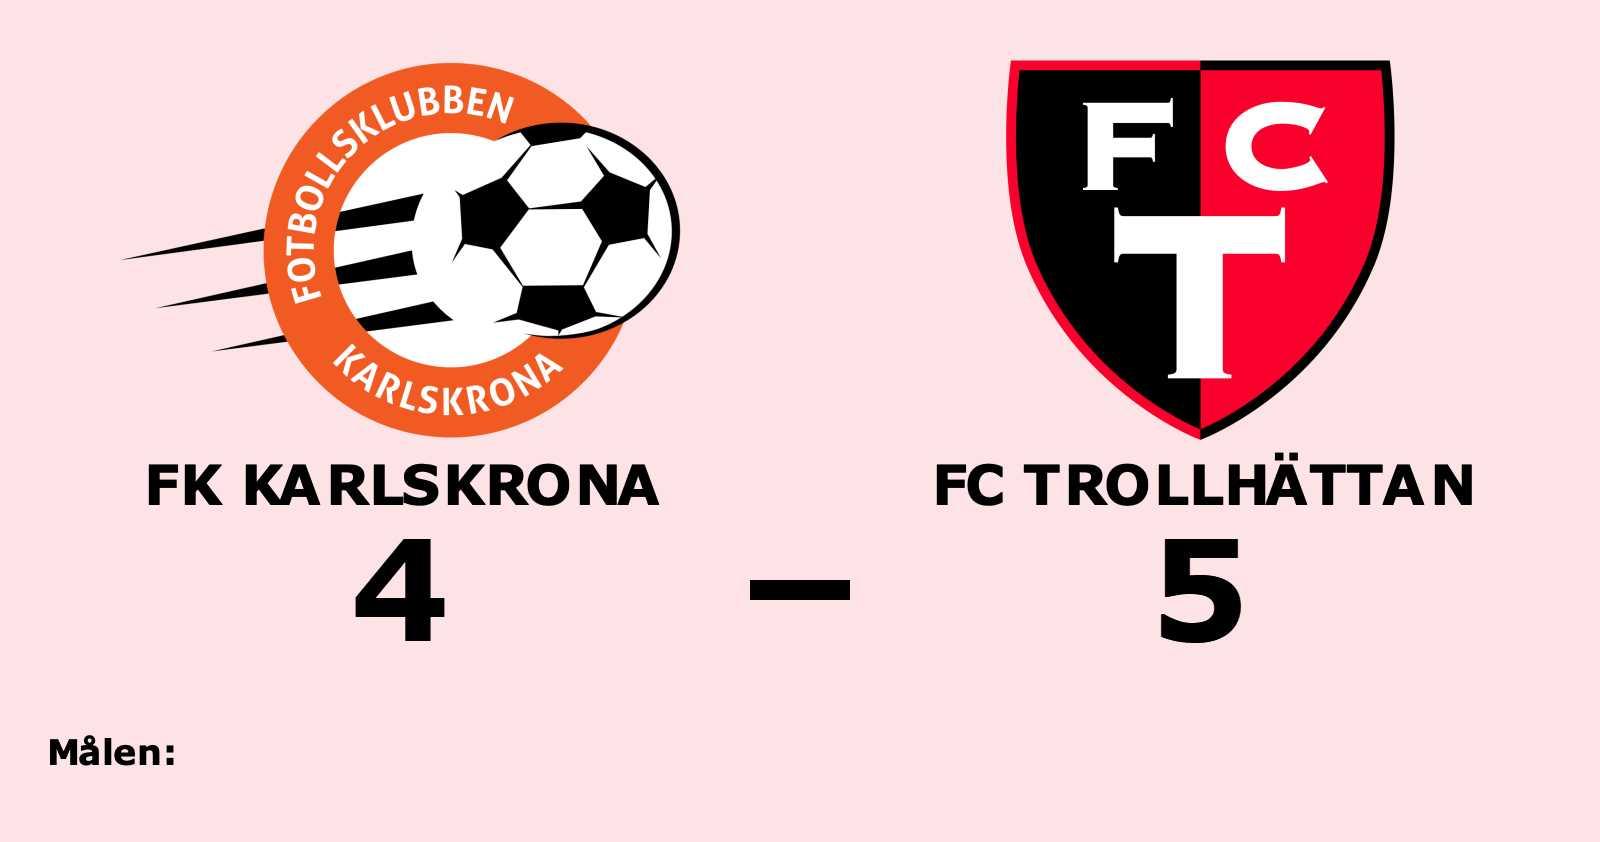 Uddamålsseger för FC Trollhättan mot FK Karlskrona